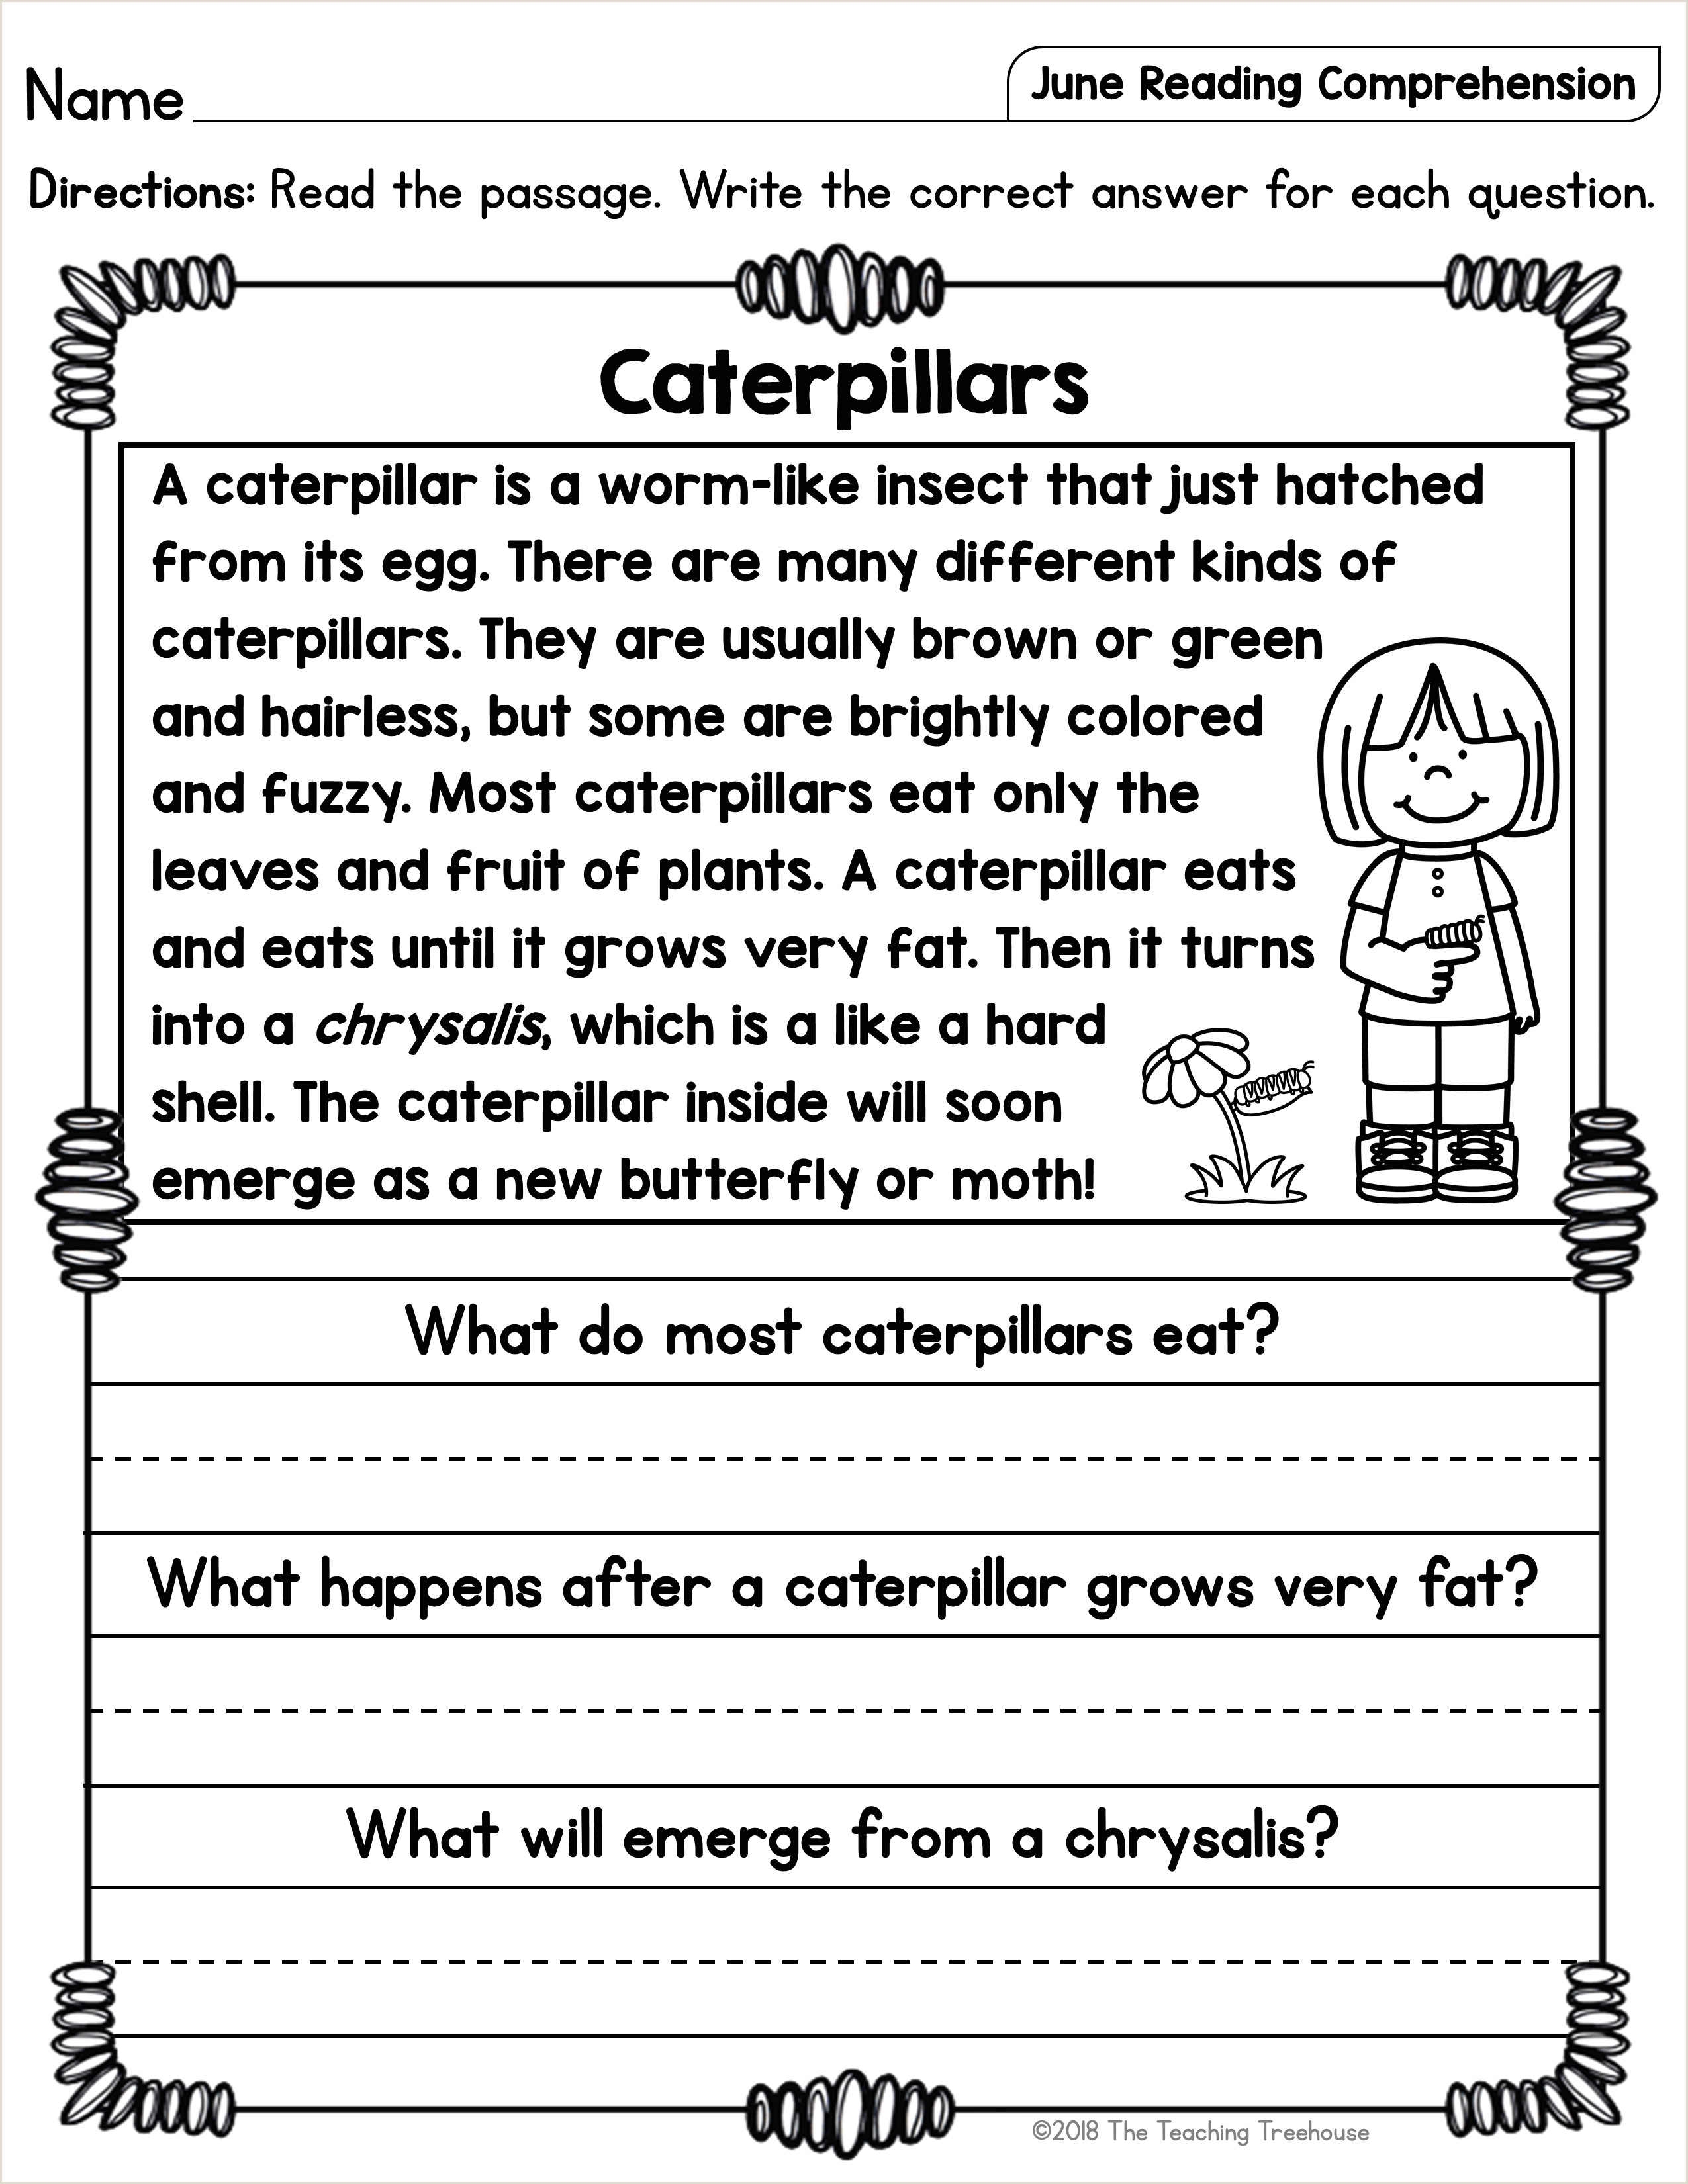 Free Reading Comprehension For Kindergarten